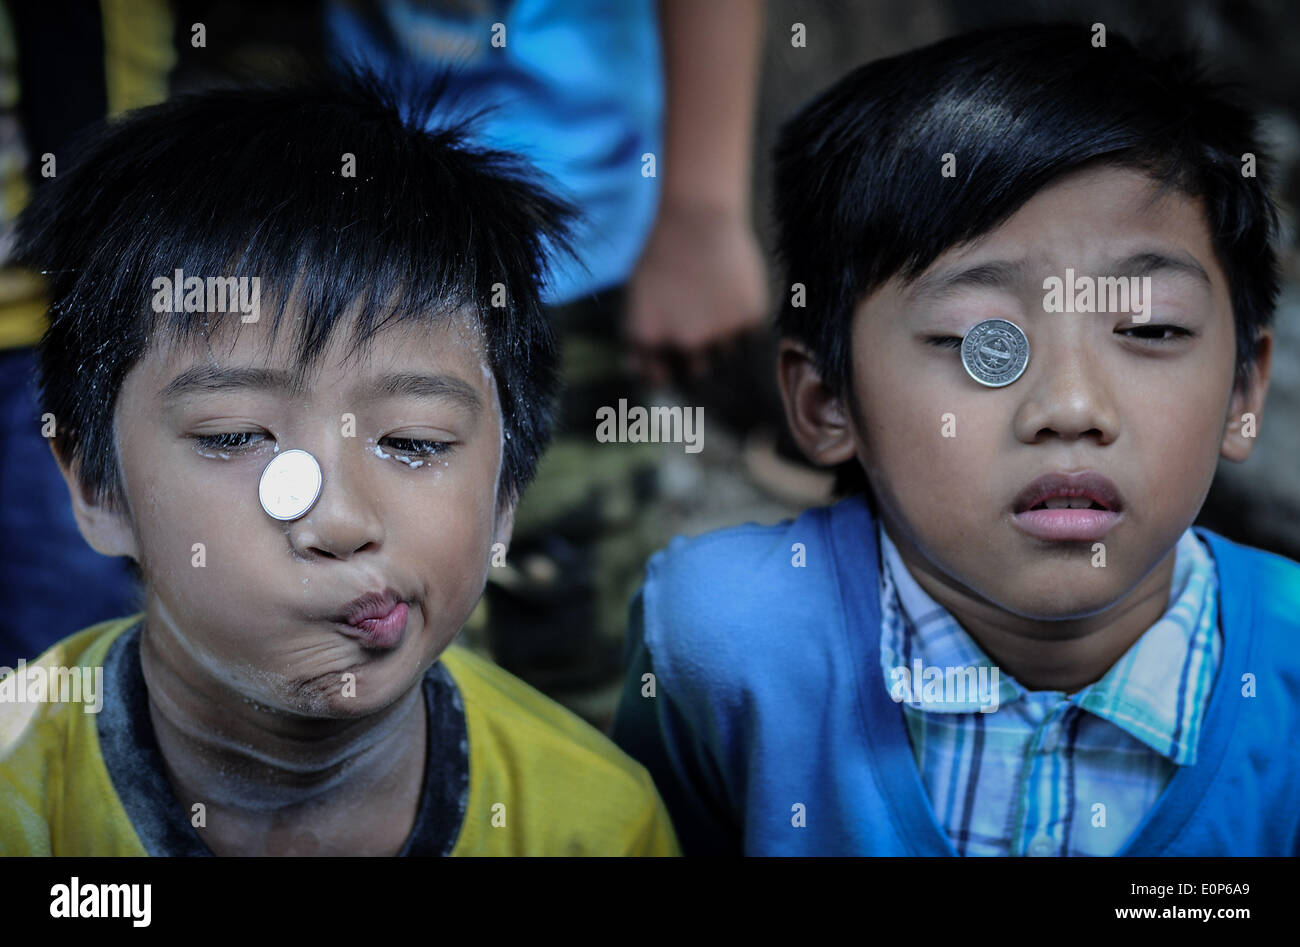 Paranaque Filipinas 18 De Mayo De 2014 Los Ninos Deforma Sus